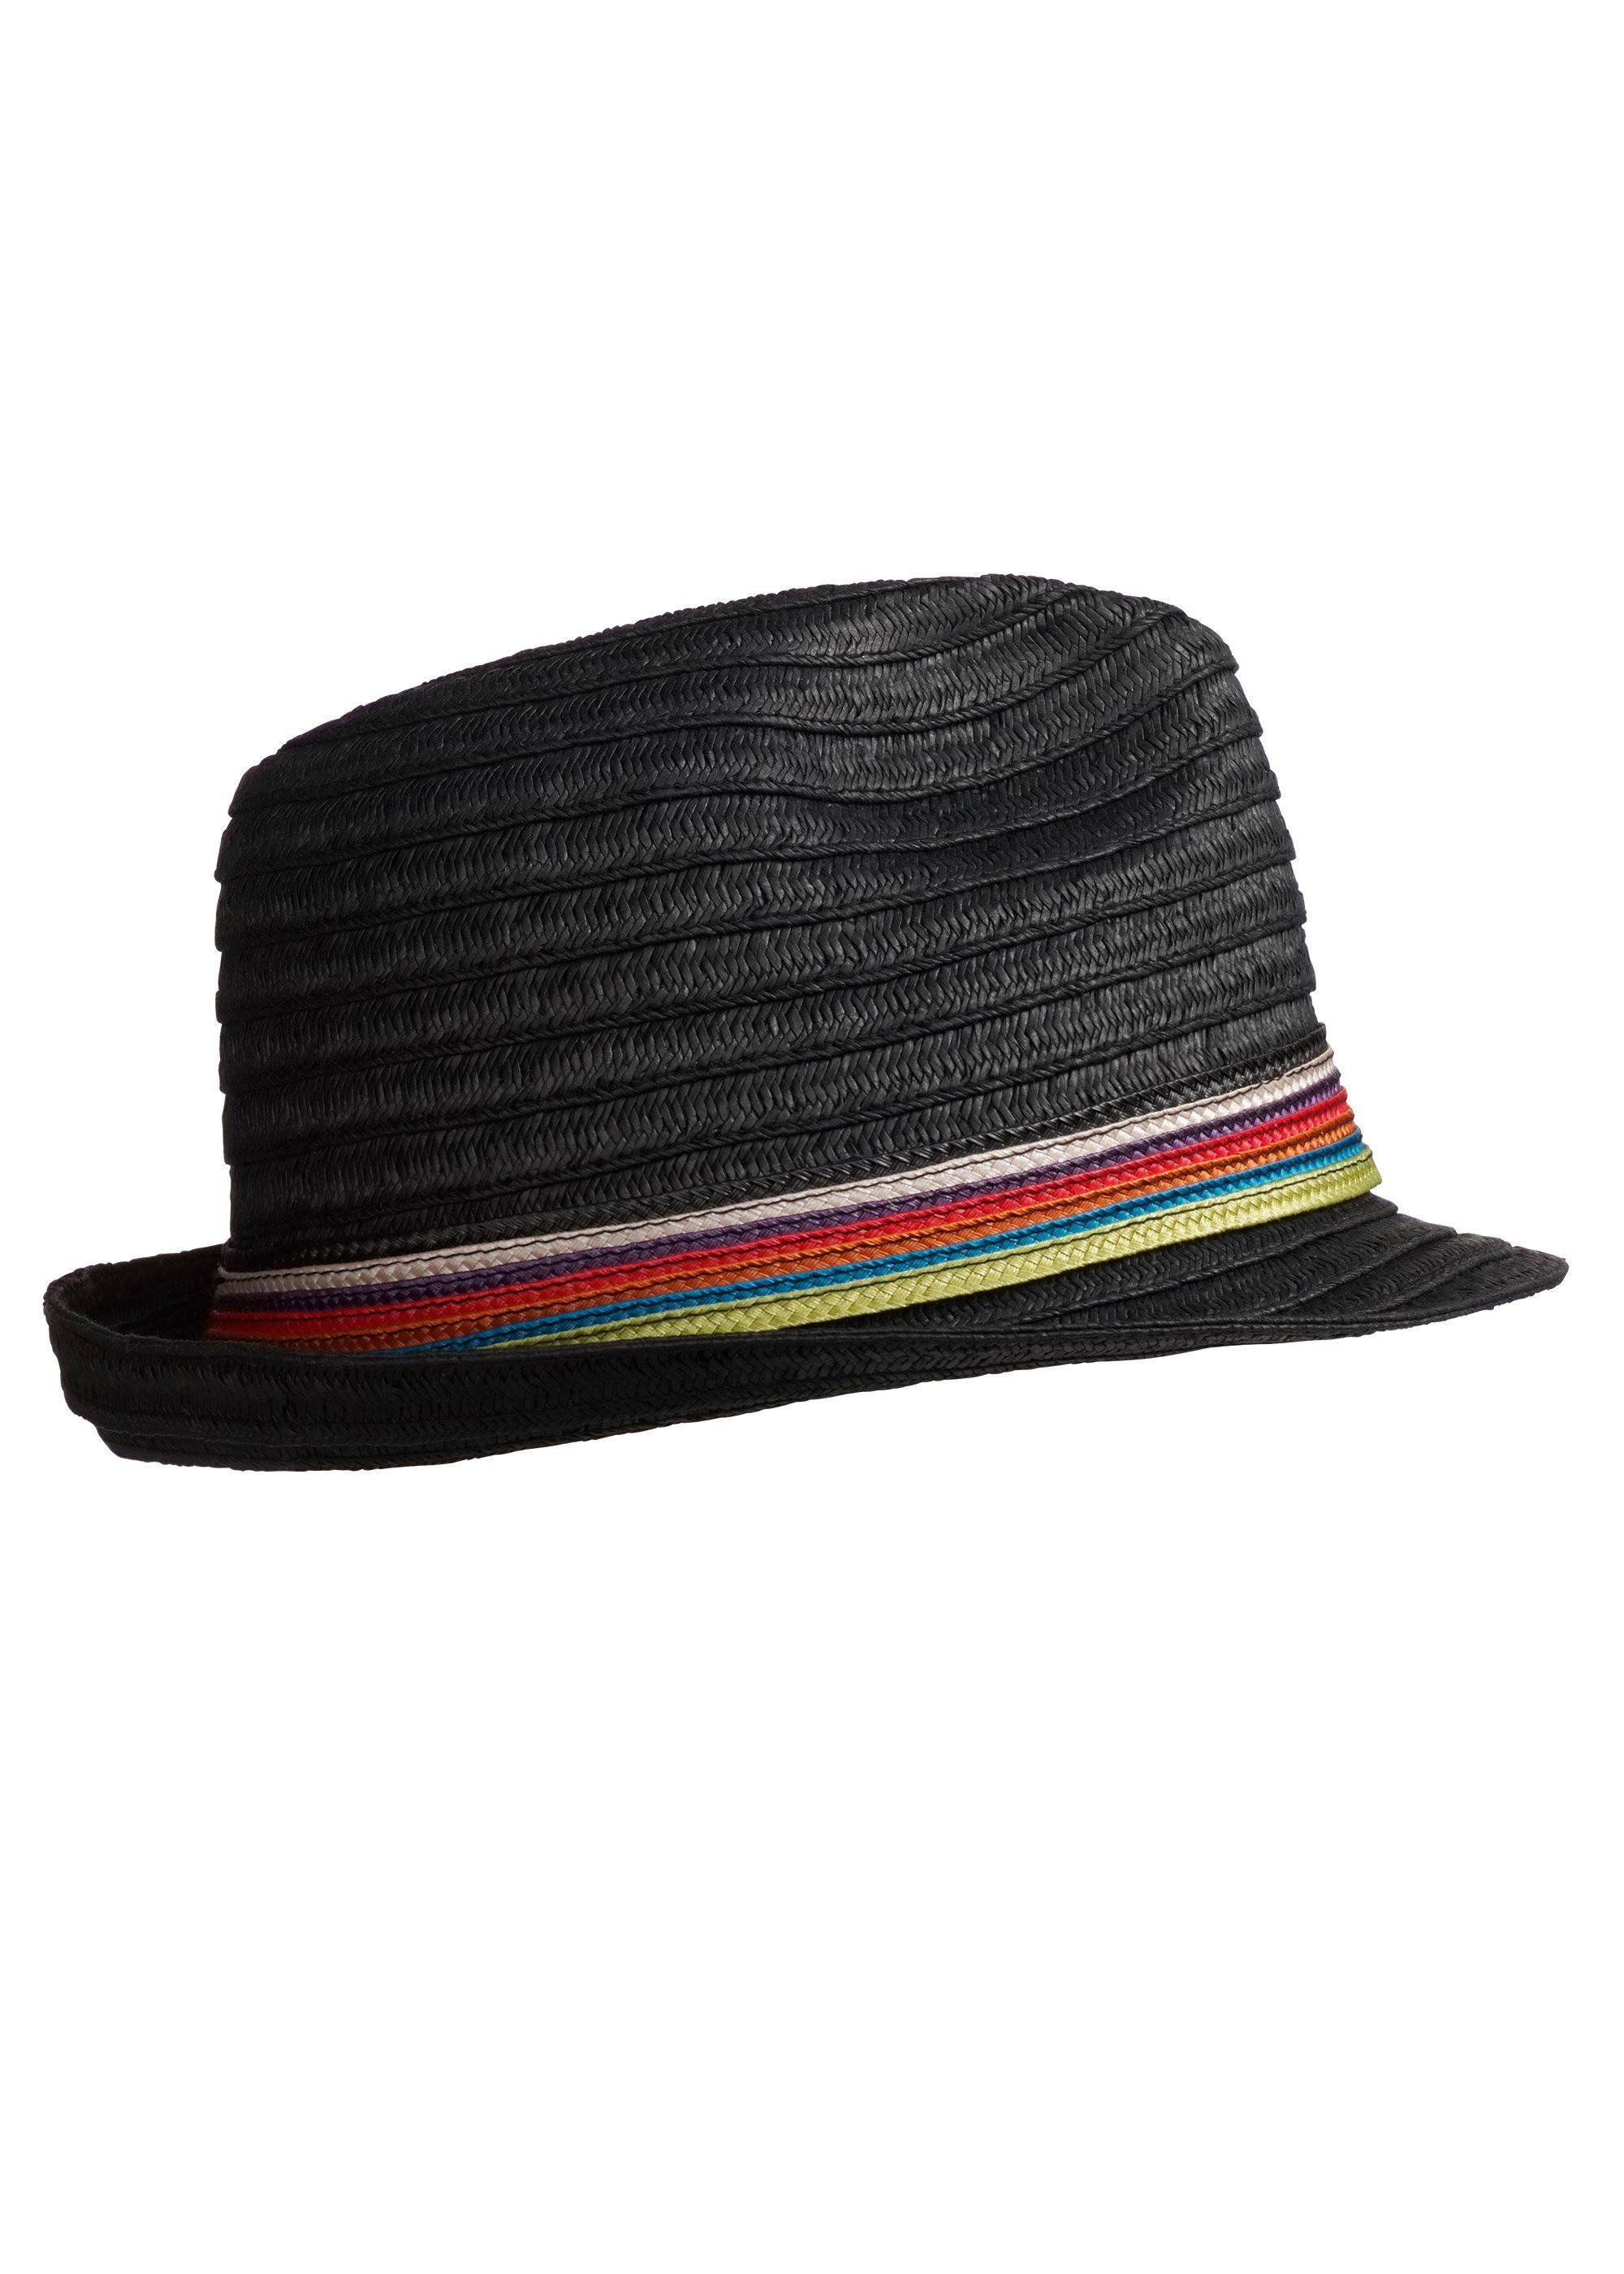 STÖHR Strohhut mit Streifen | Accessoires > Hüte | Stöhr